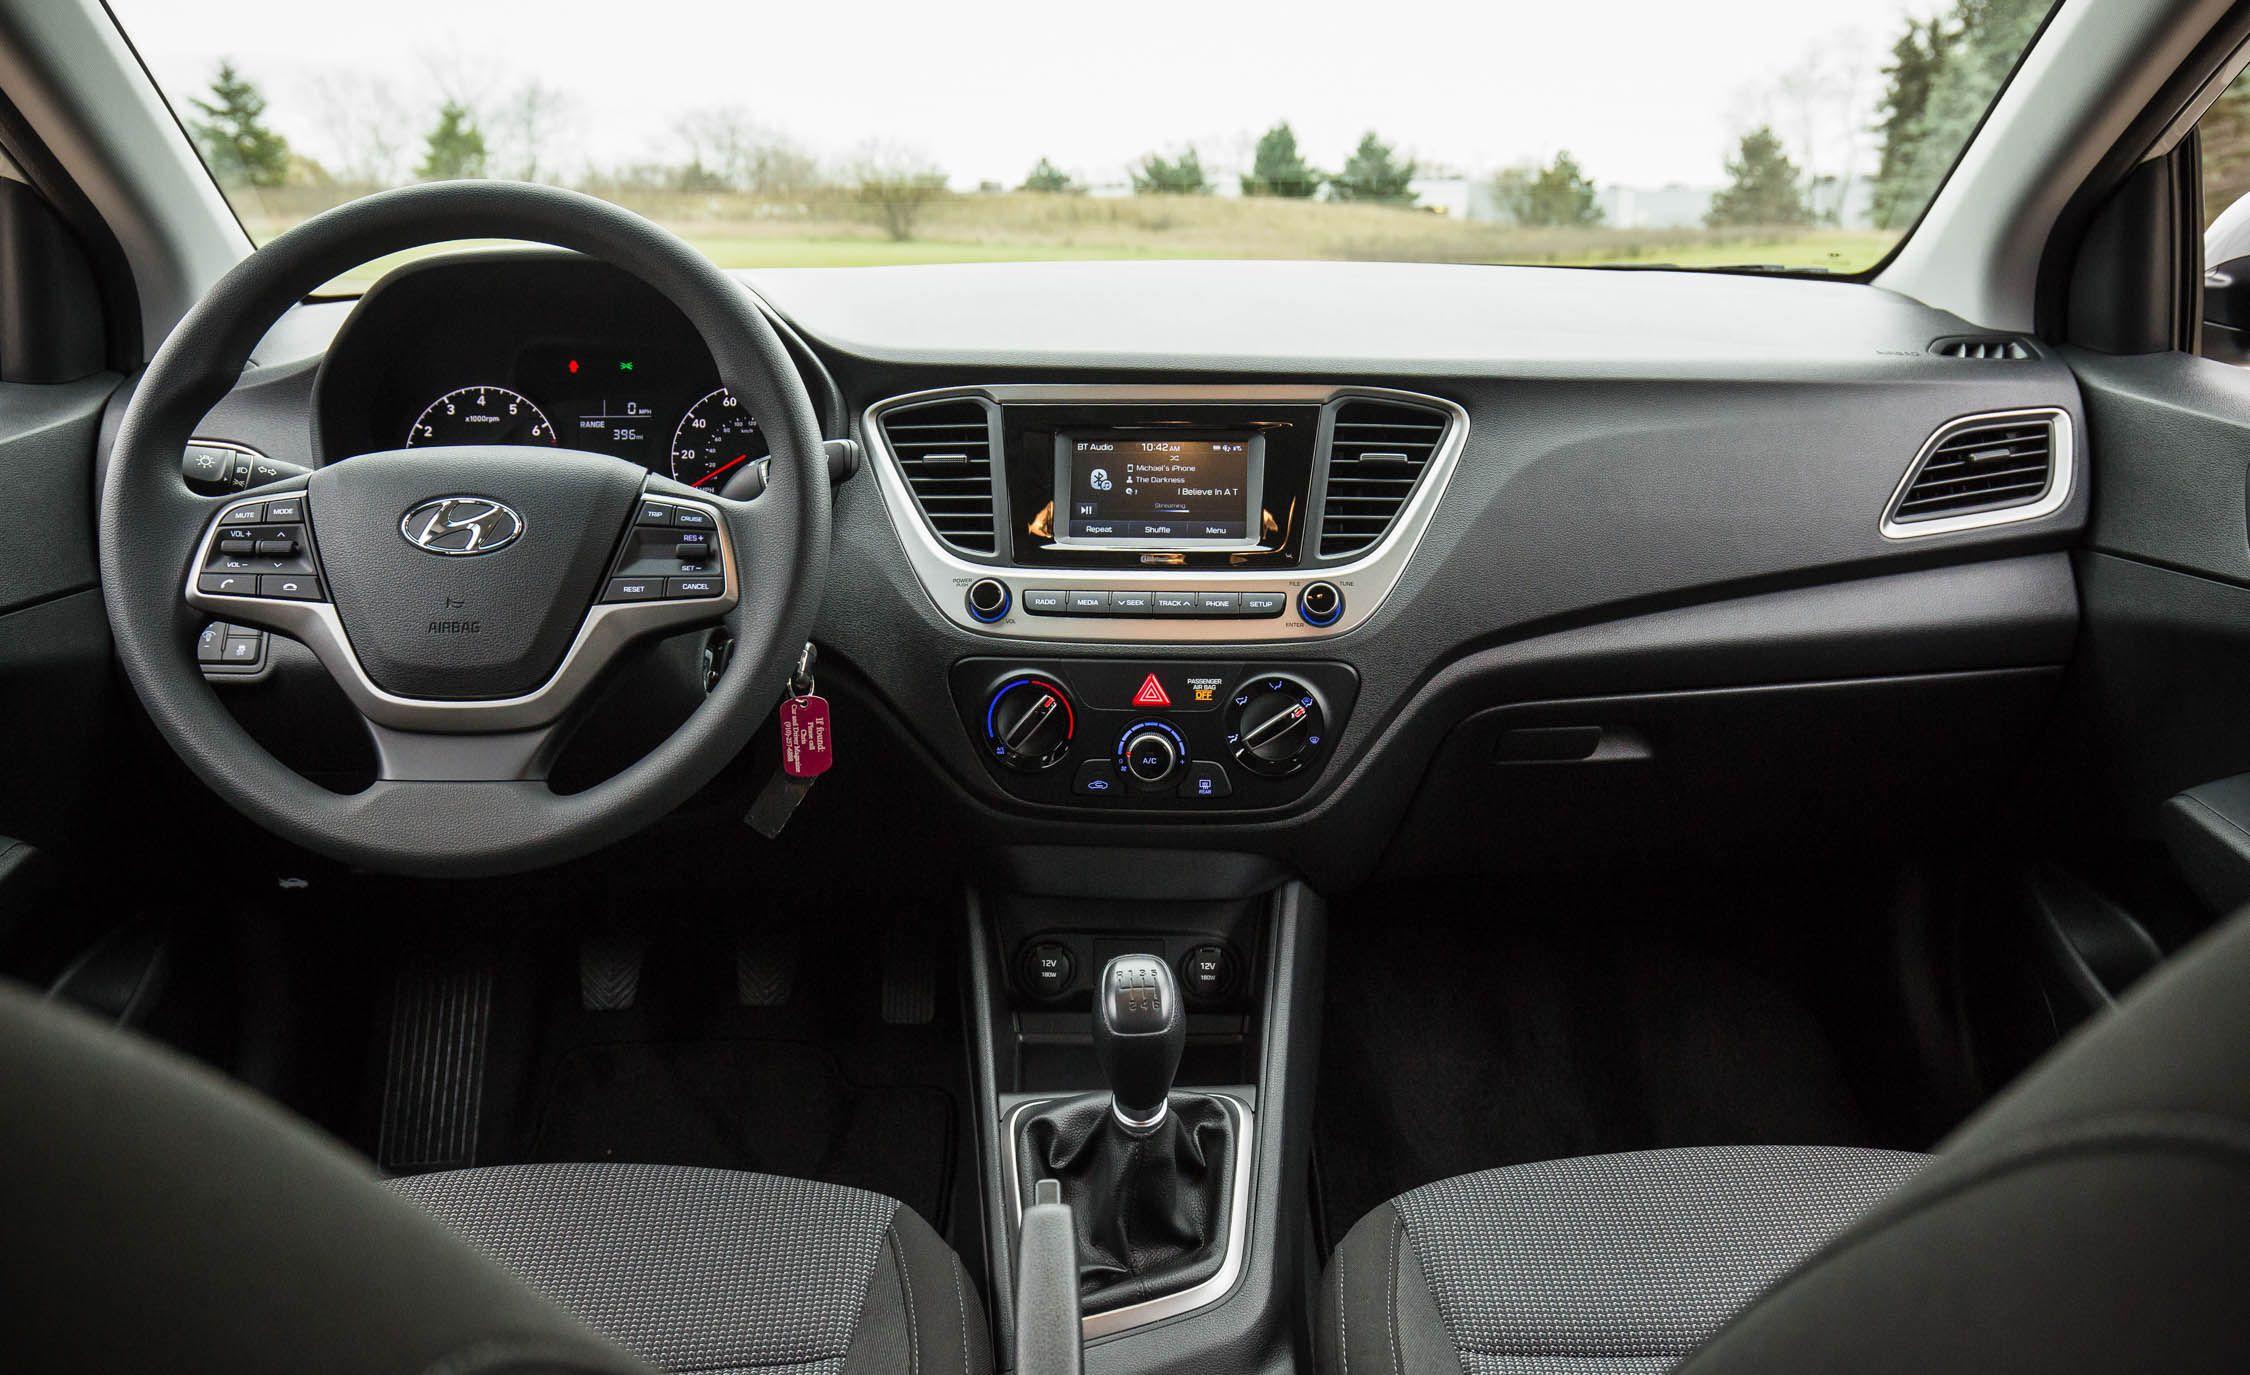 2019 Hyundai Accent Reviews Price Photos And 1999 Kia Rio Engine Specs Car Driver